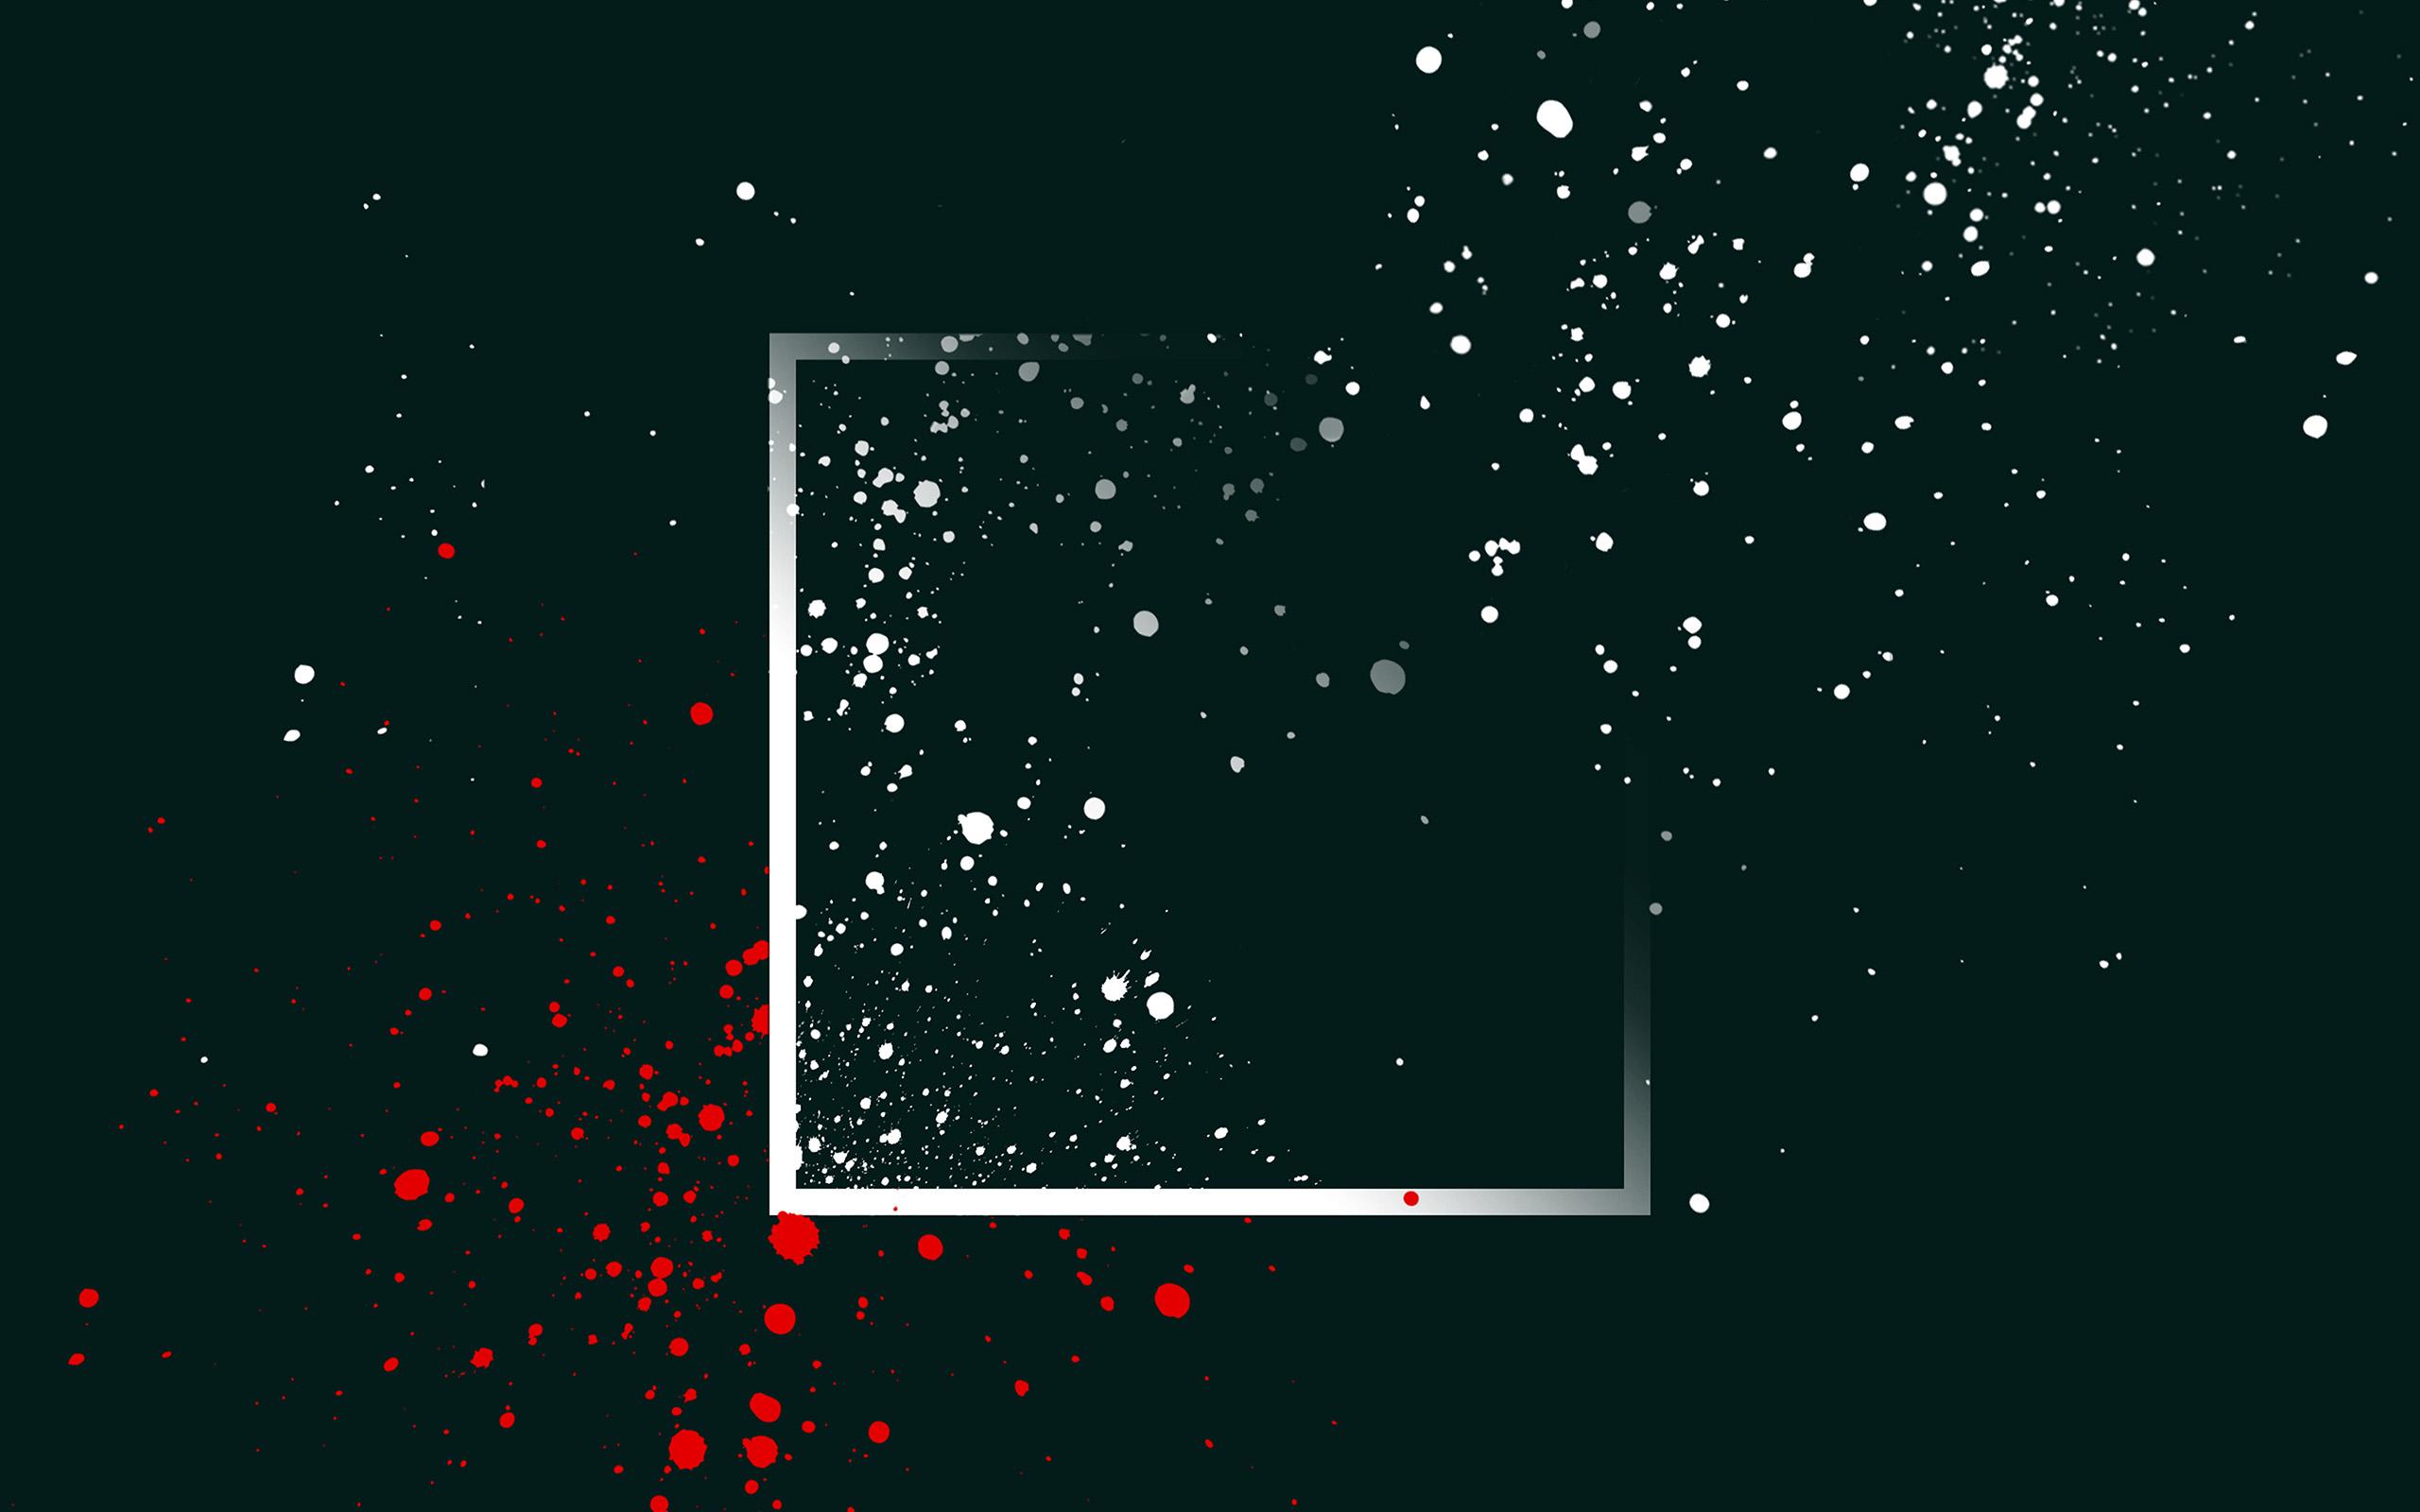 New Car Wallpaper Full Hd Vu32 Minimal Dots Patint Pattern Dark Red Wallpaper